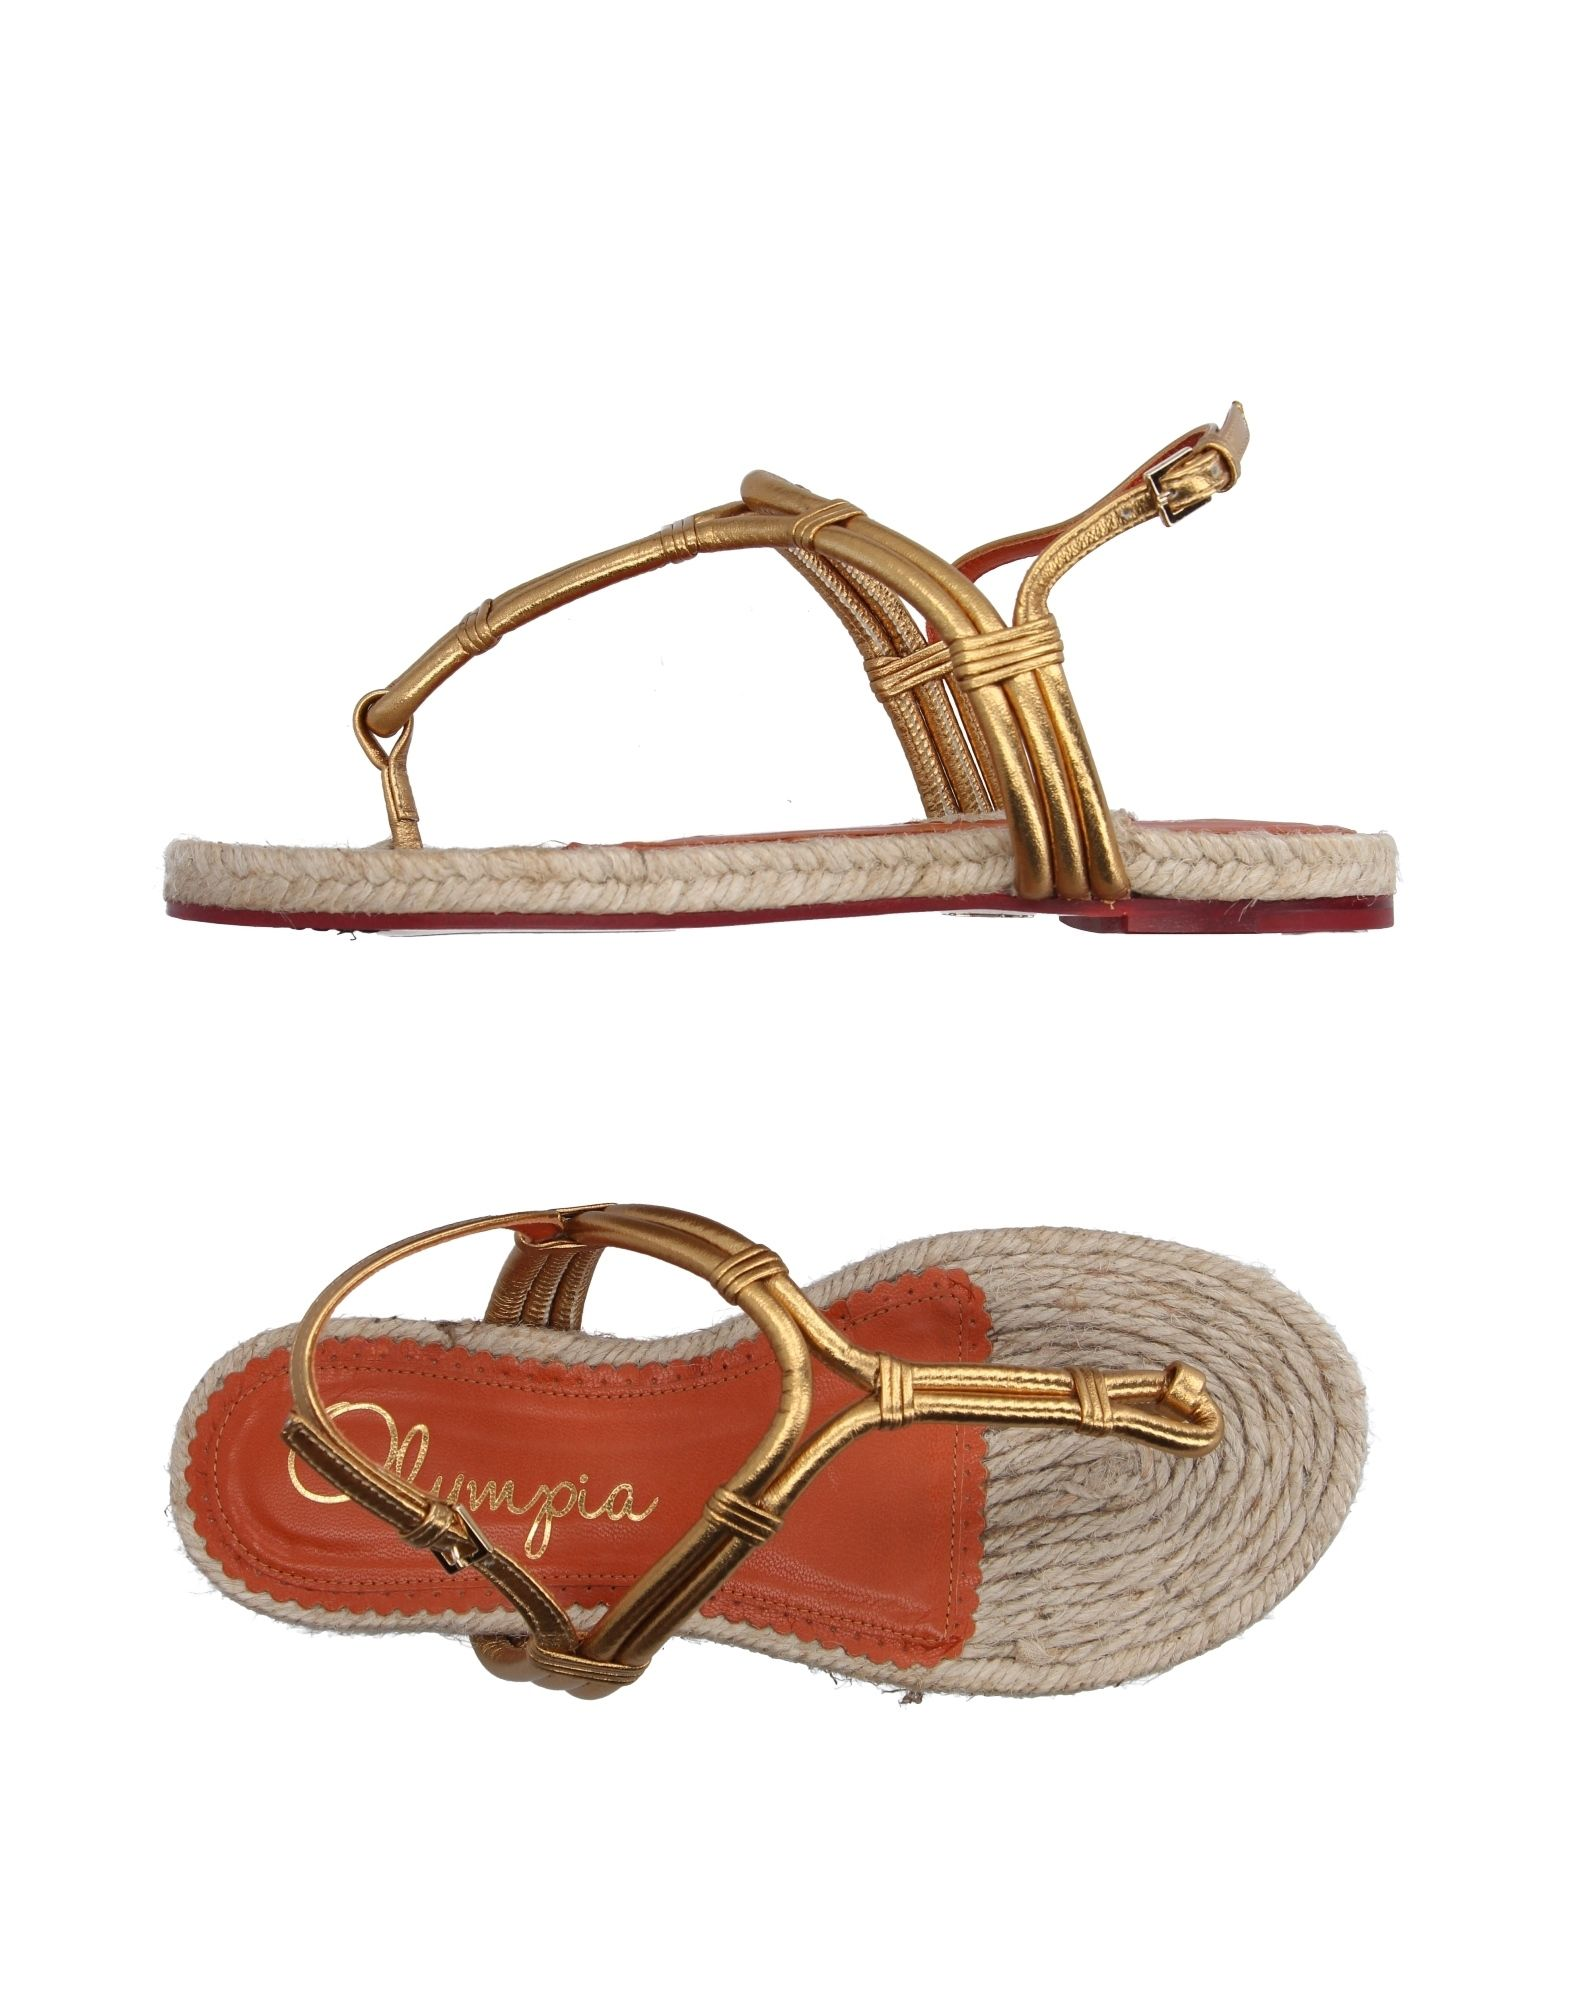 Rabatt Damen Schuhe Charlotte Olympia Espadrilles Damen Rabatt  11152254FE fee8c9